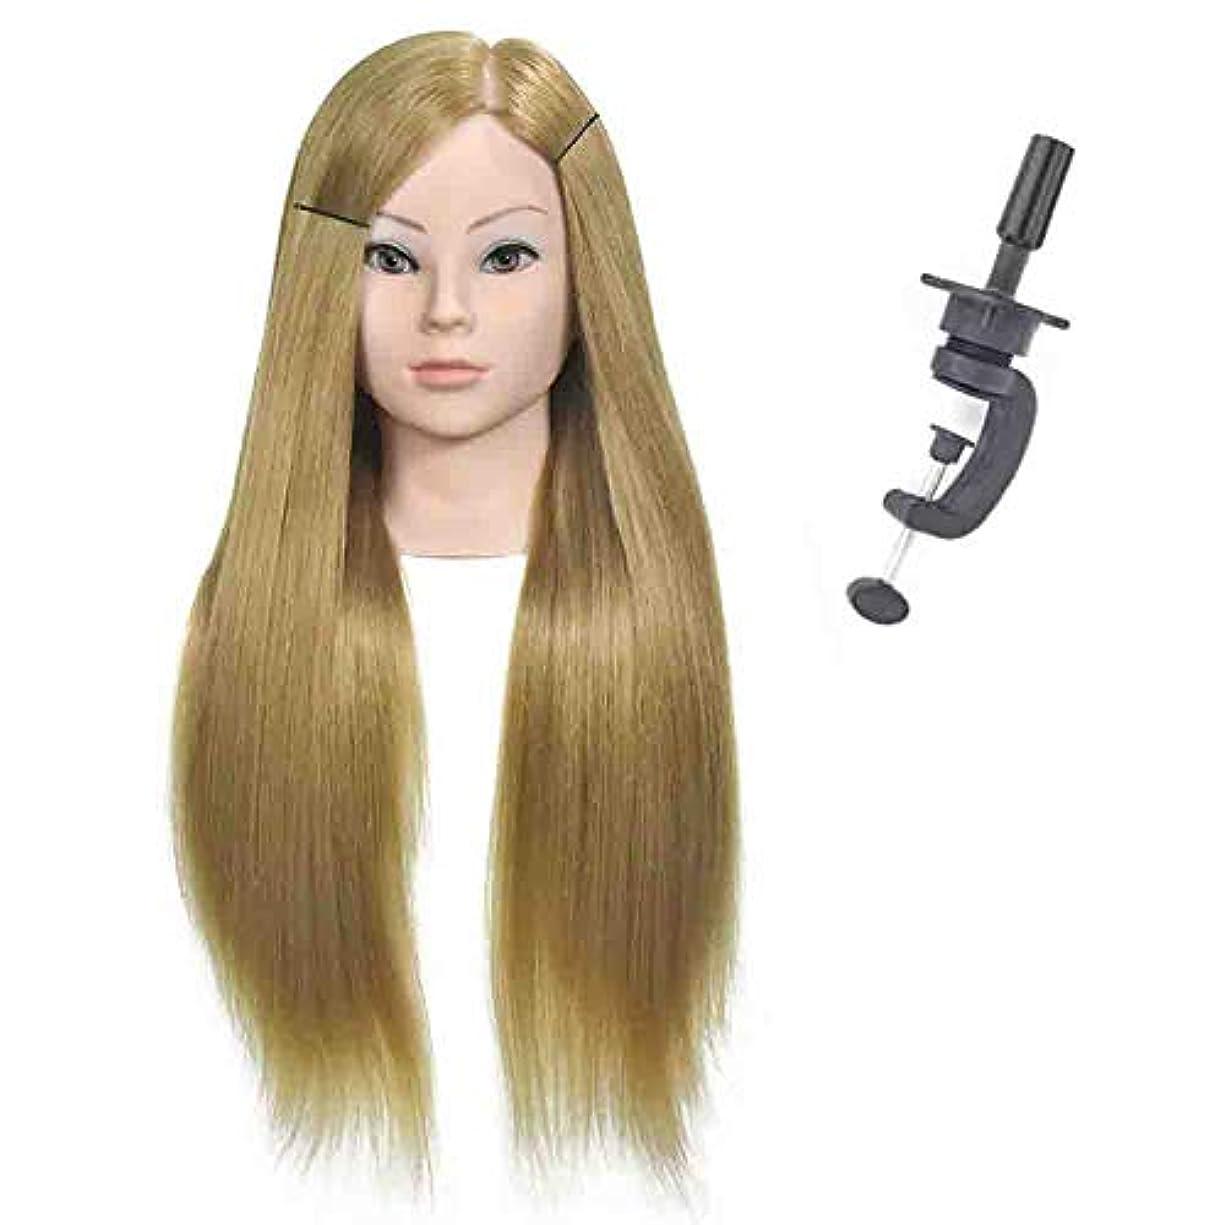 好奇心想定ベル花嫁メイクモデリング教育ヘッド本物の人物ヘアダミーヘッドモデル理髪店学習パーマ髪染めモデルヘッド